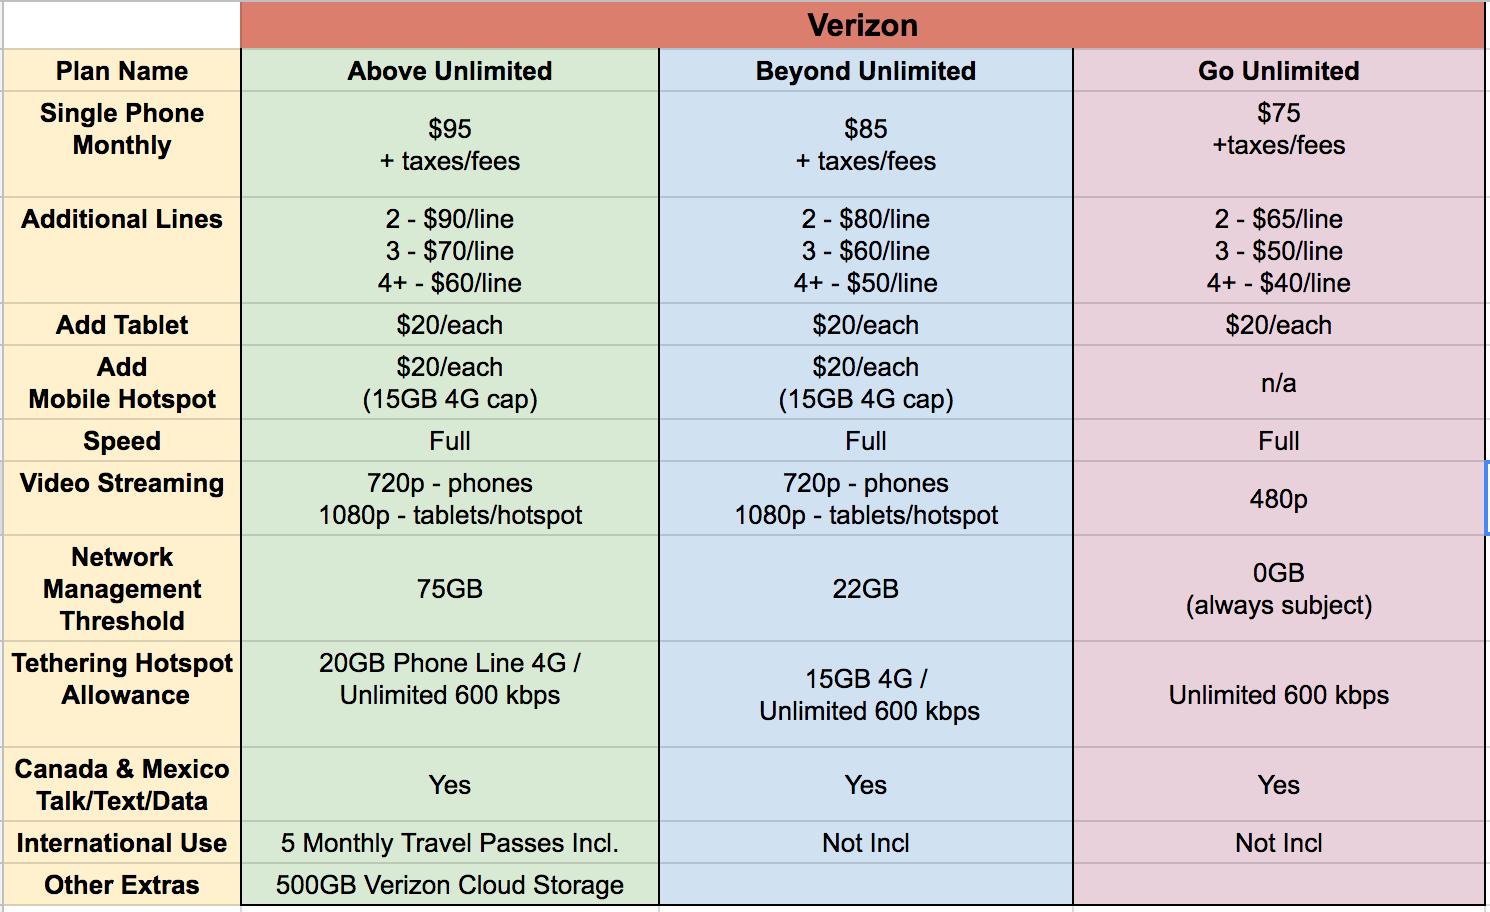 Verizon Complicates Unlimited Plans - Adds